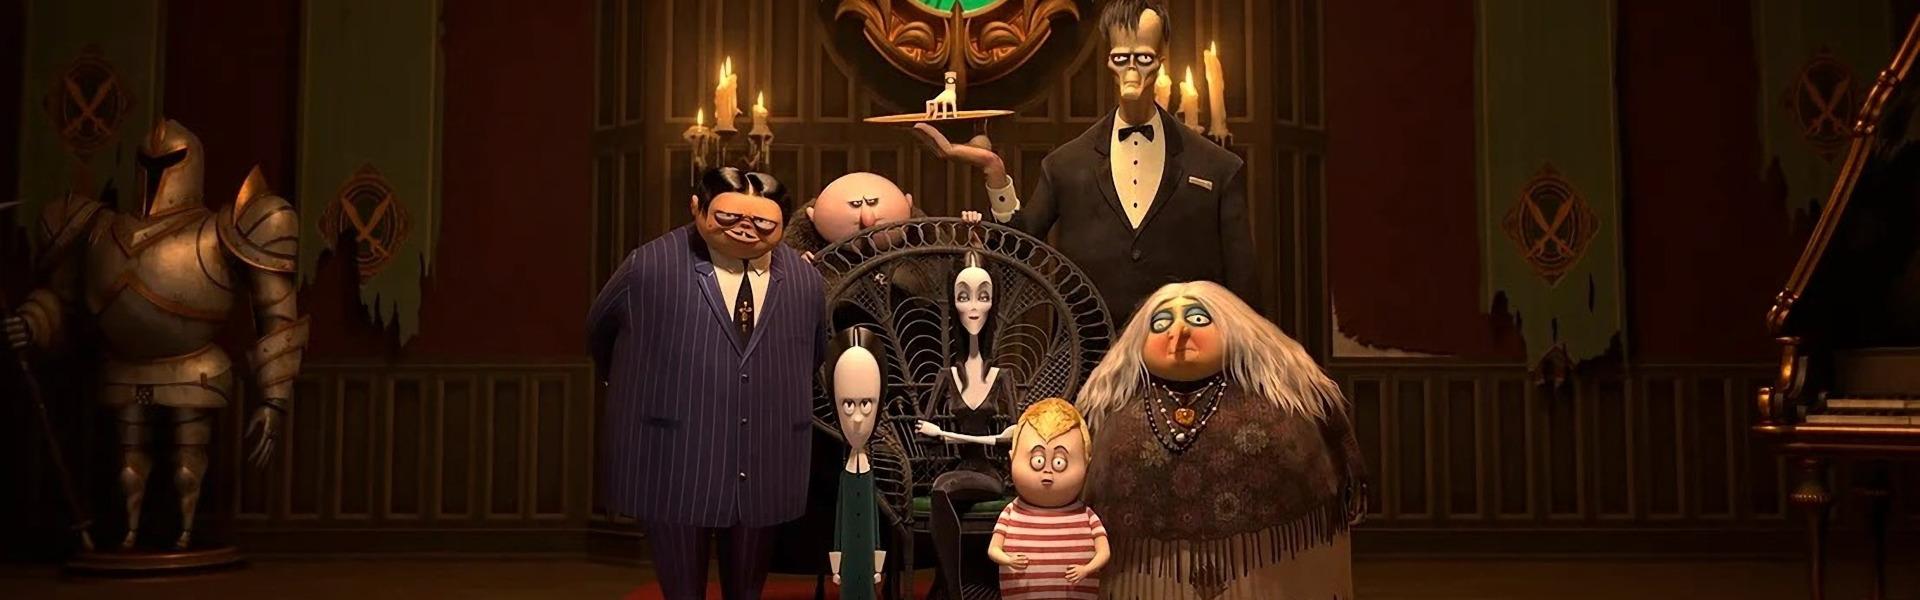 Rodzina Adamsów 2 <span>(dubbing)</span>